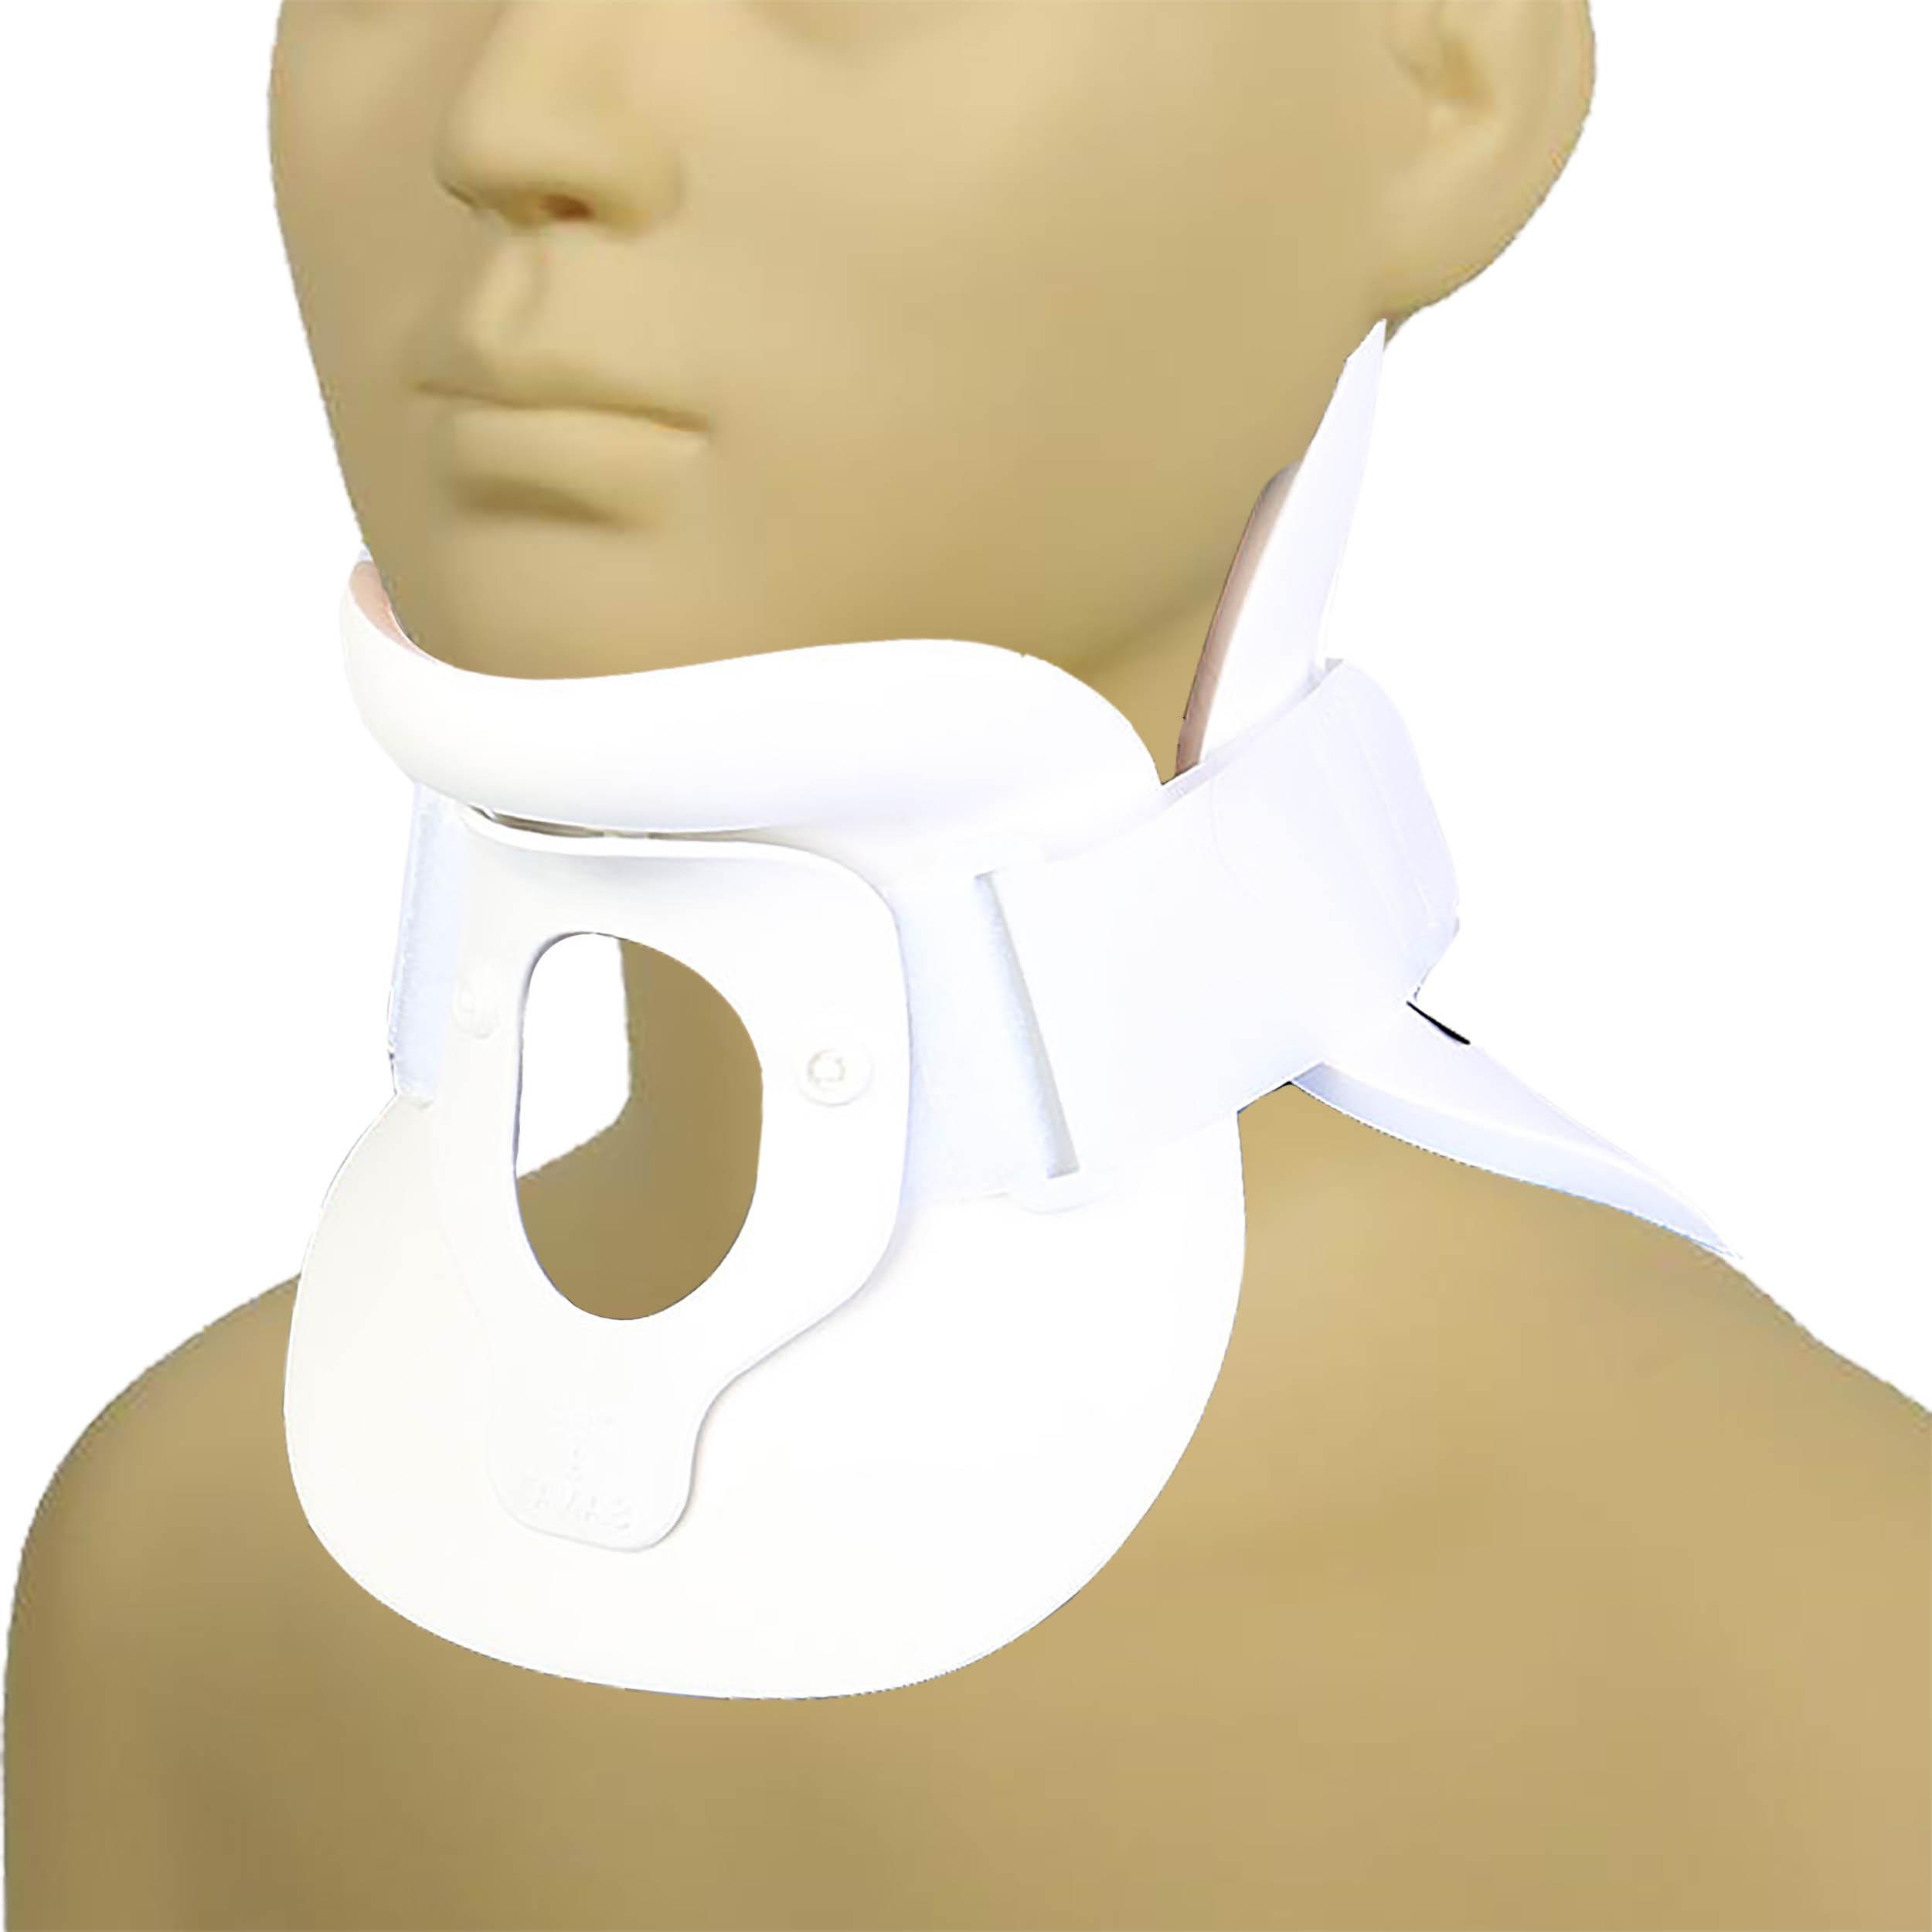 گردن بند طبی نوید کد 145 مدل فیلادلفیا